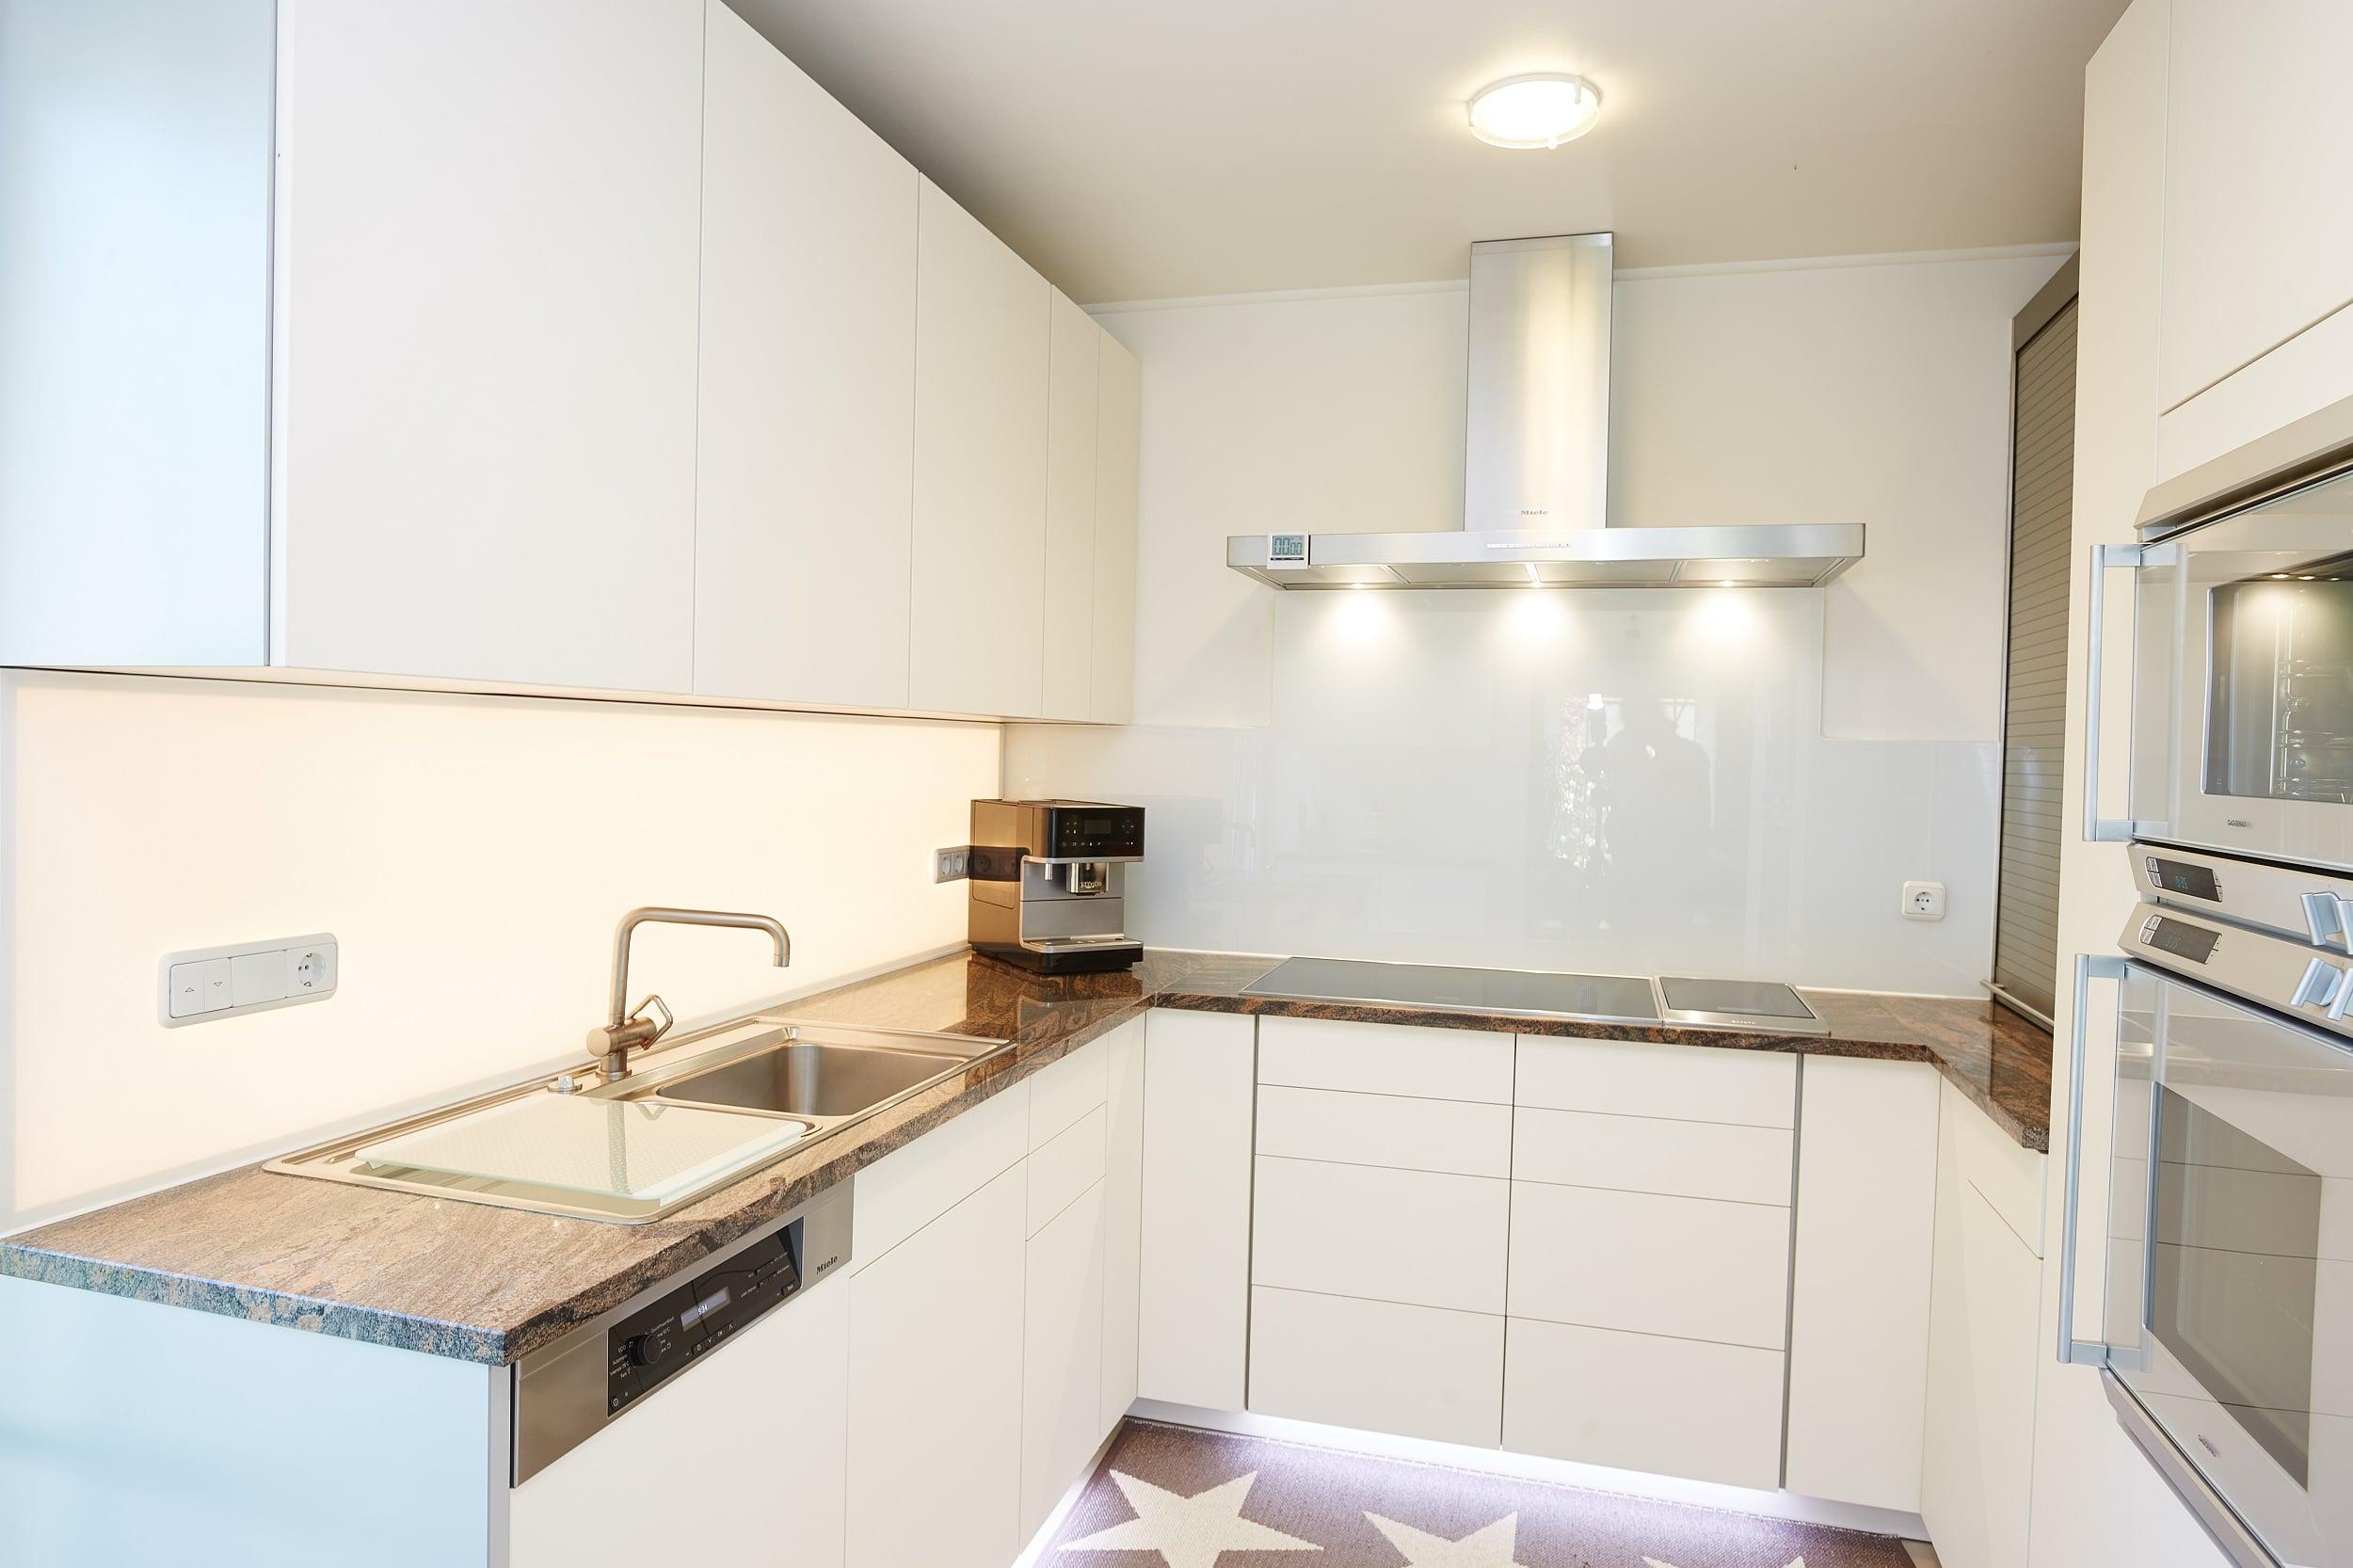 Küche Komplett Mit Einbau  Walk-in Dusche »duschabtrennung